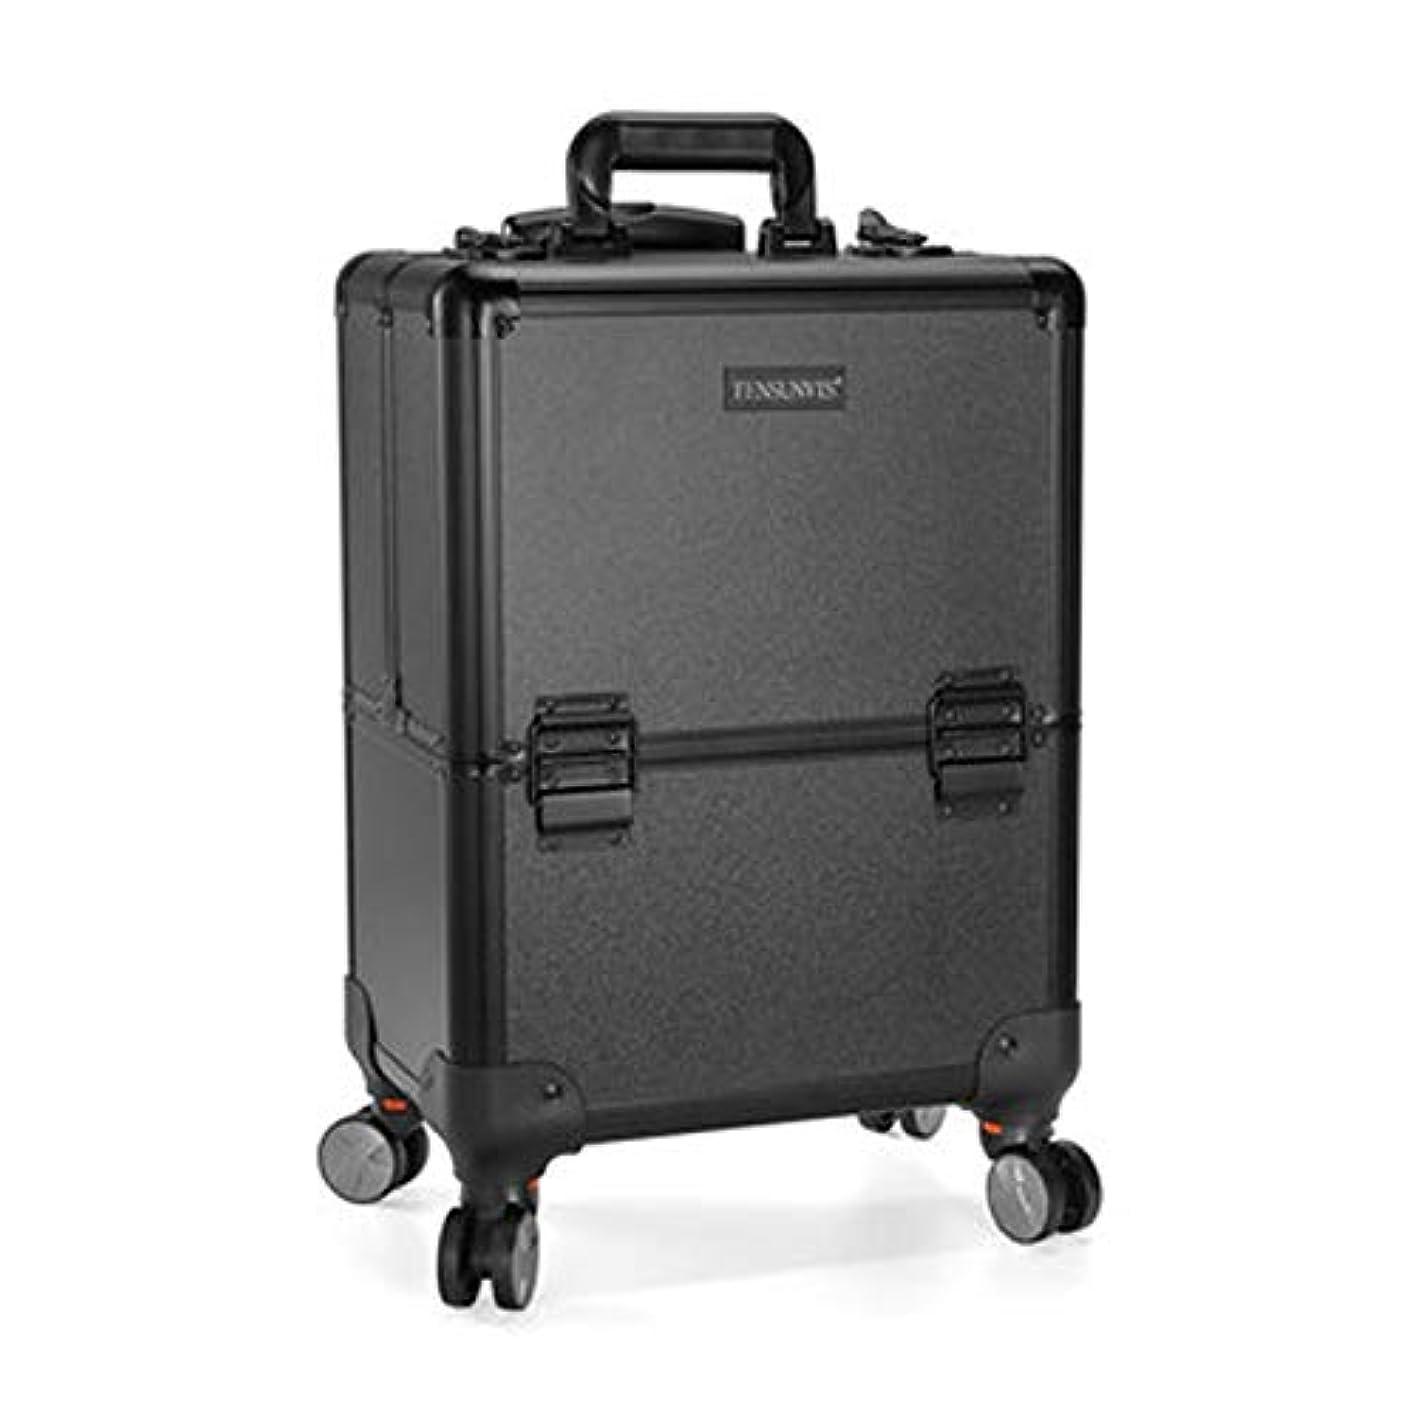 位置する炭水化物明らかにするプロ専用 美容師 クローゼット スーツケース メイクボックス キャリーバッグ ヘアメイク プロ 大容量 軽量 高品質 多機能 I-TT-317T-B